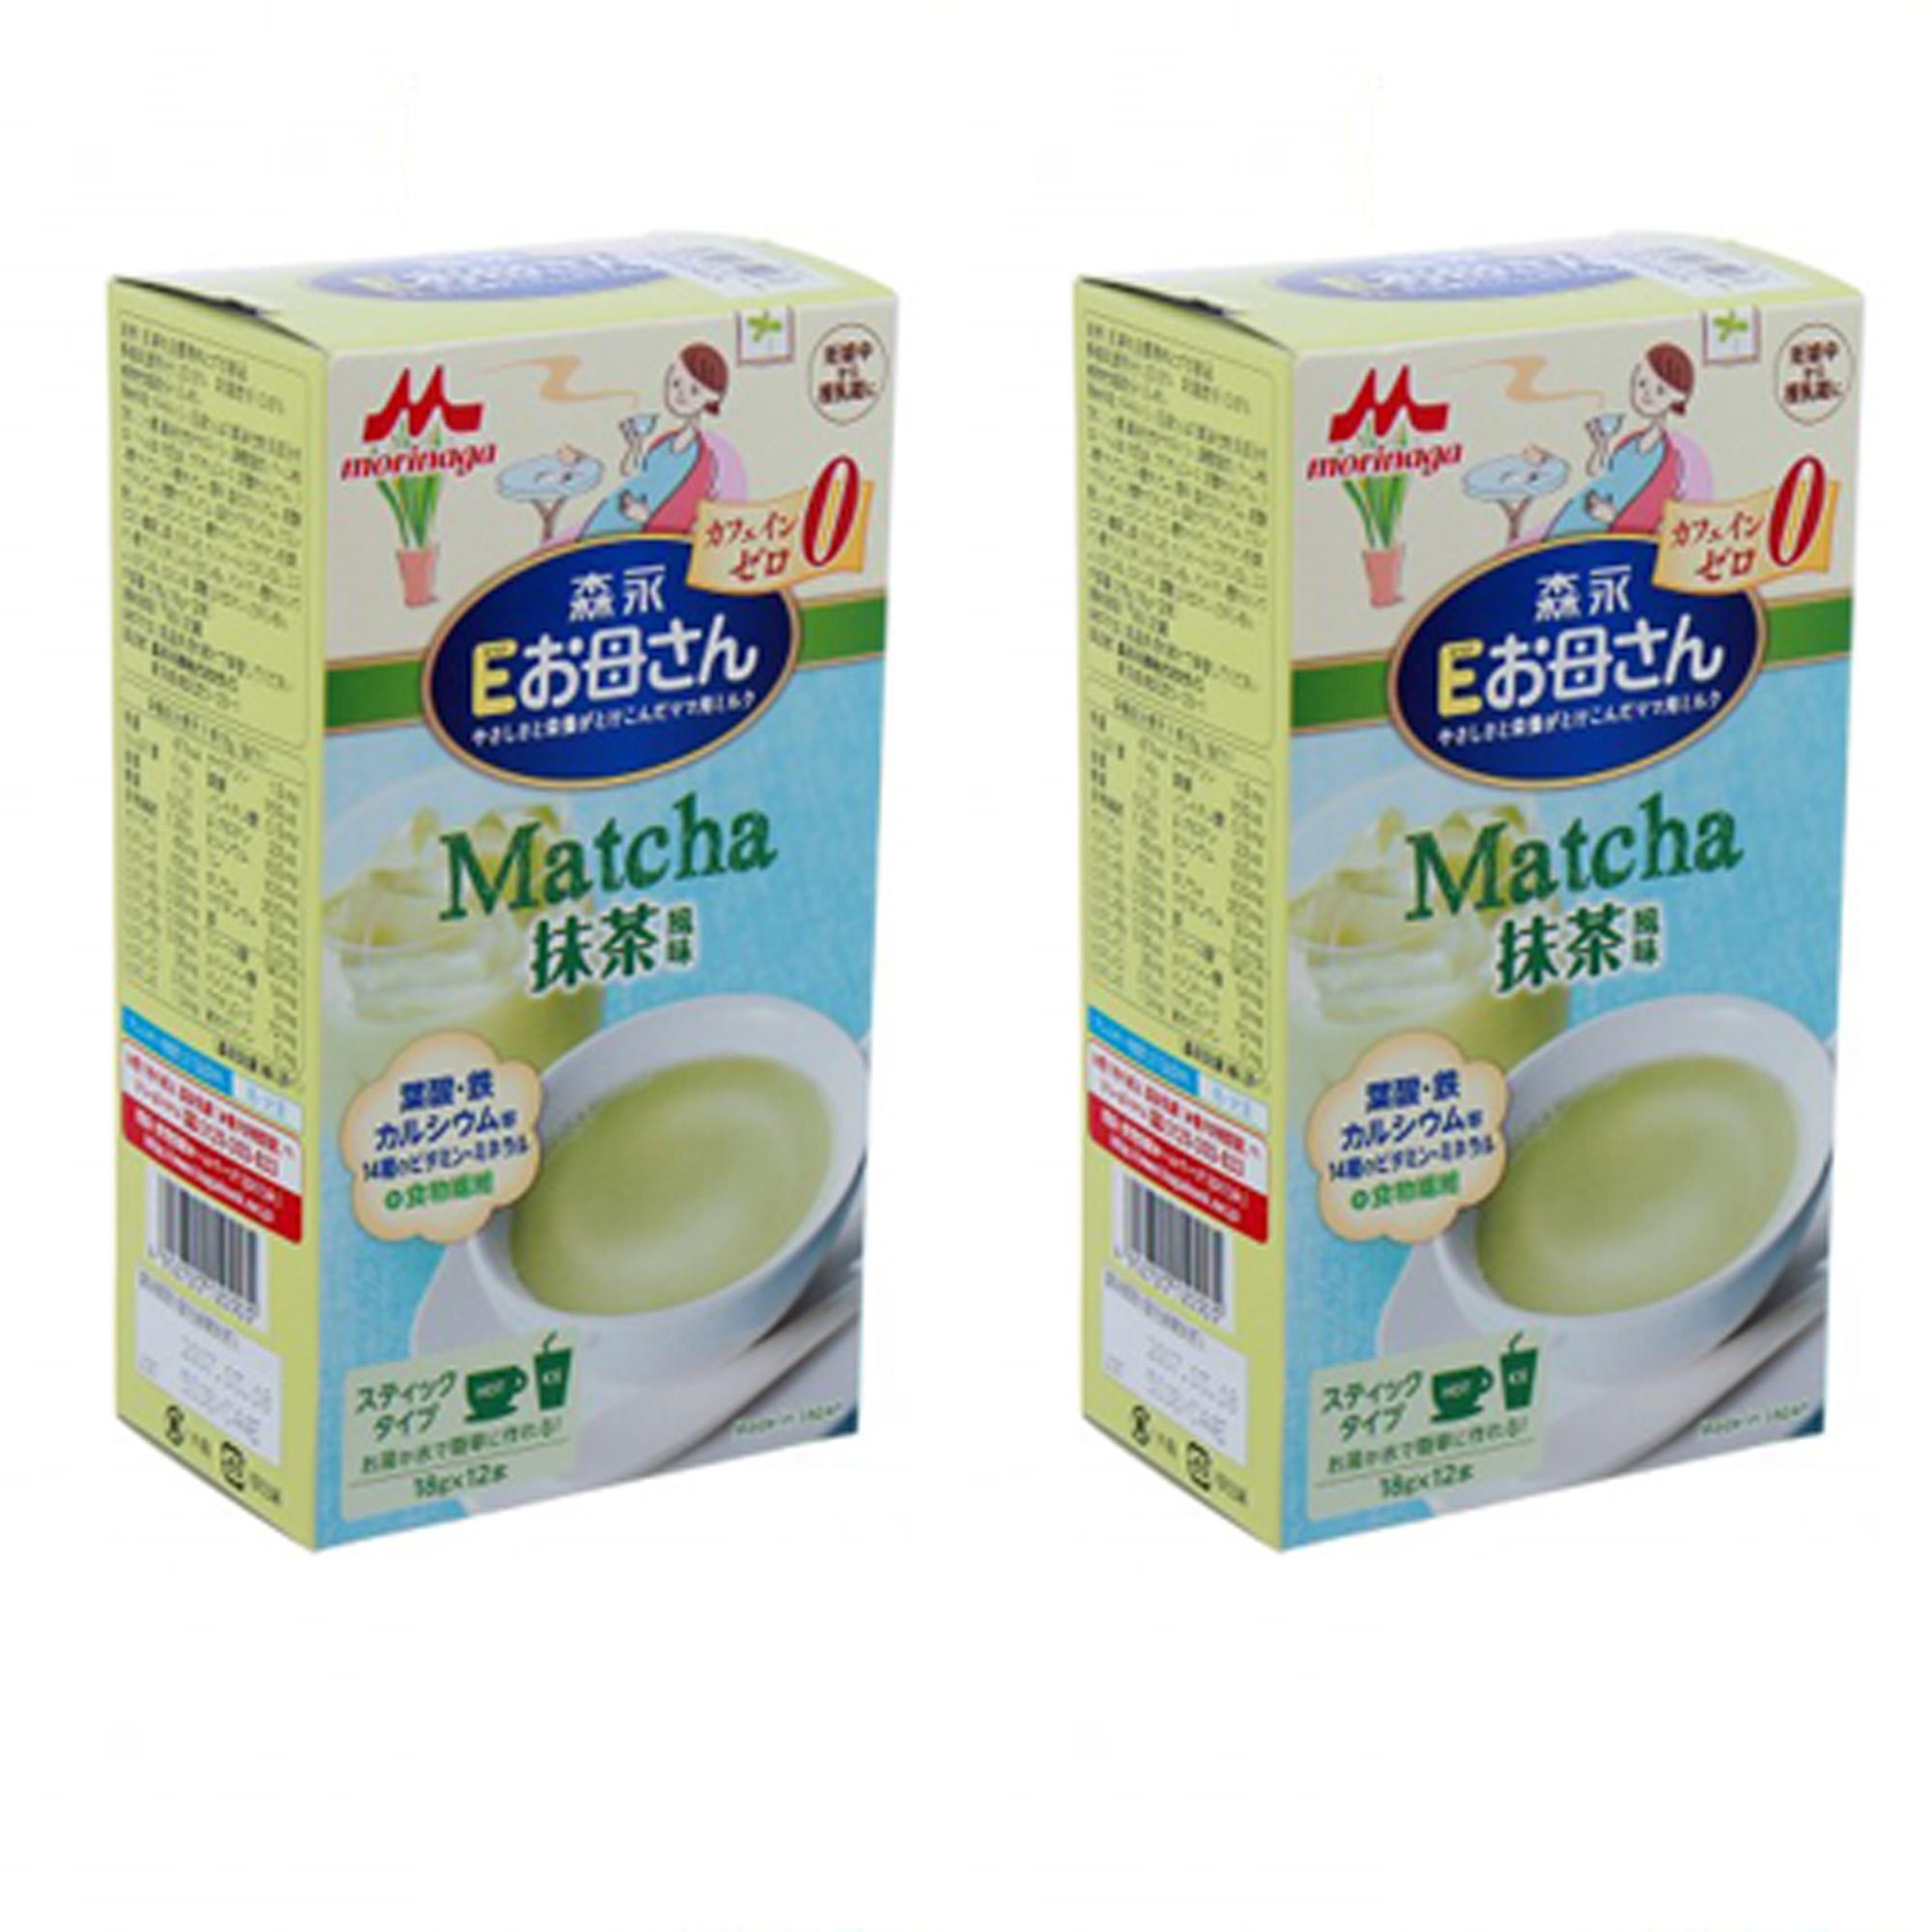 Bộ đôi sữa bầu Morinaga vị Matcha 2 x 18g x 12 gói